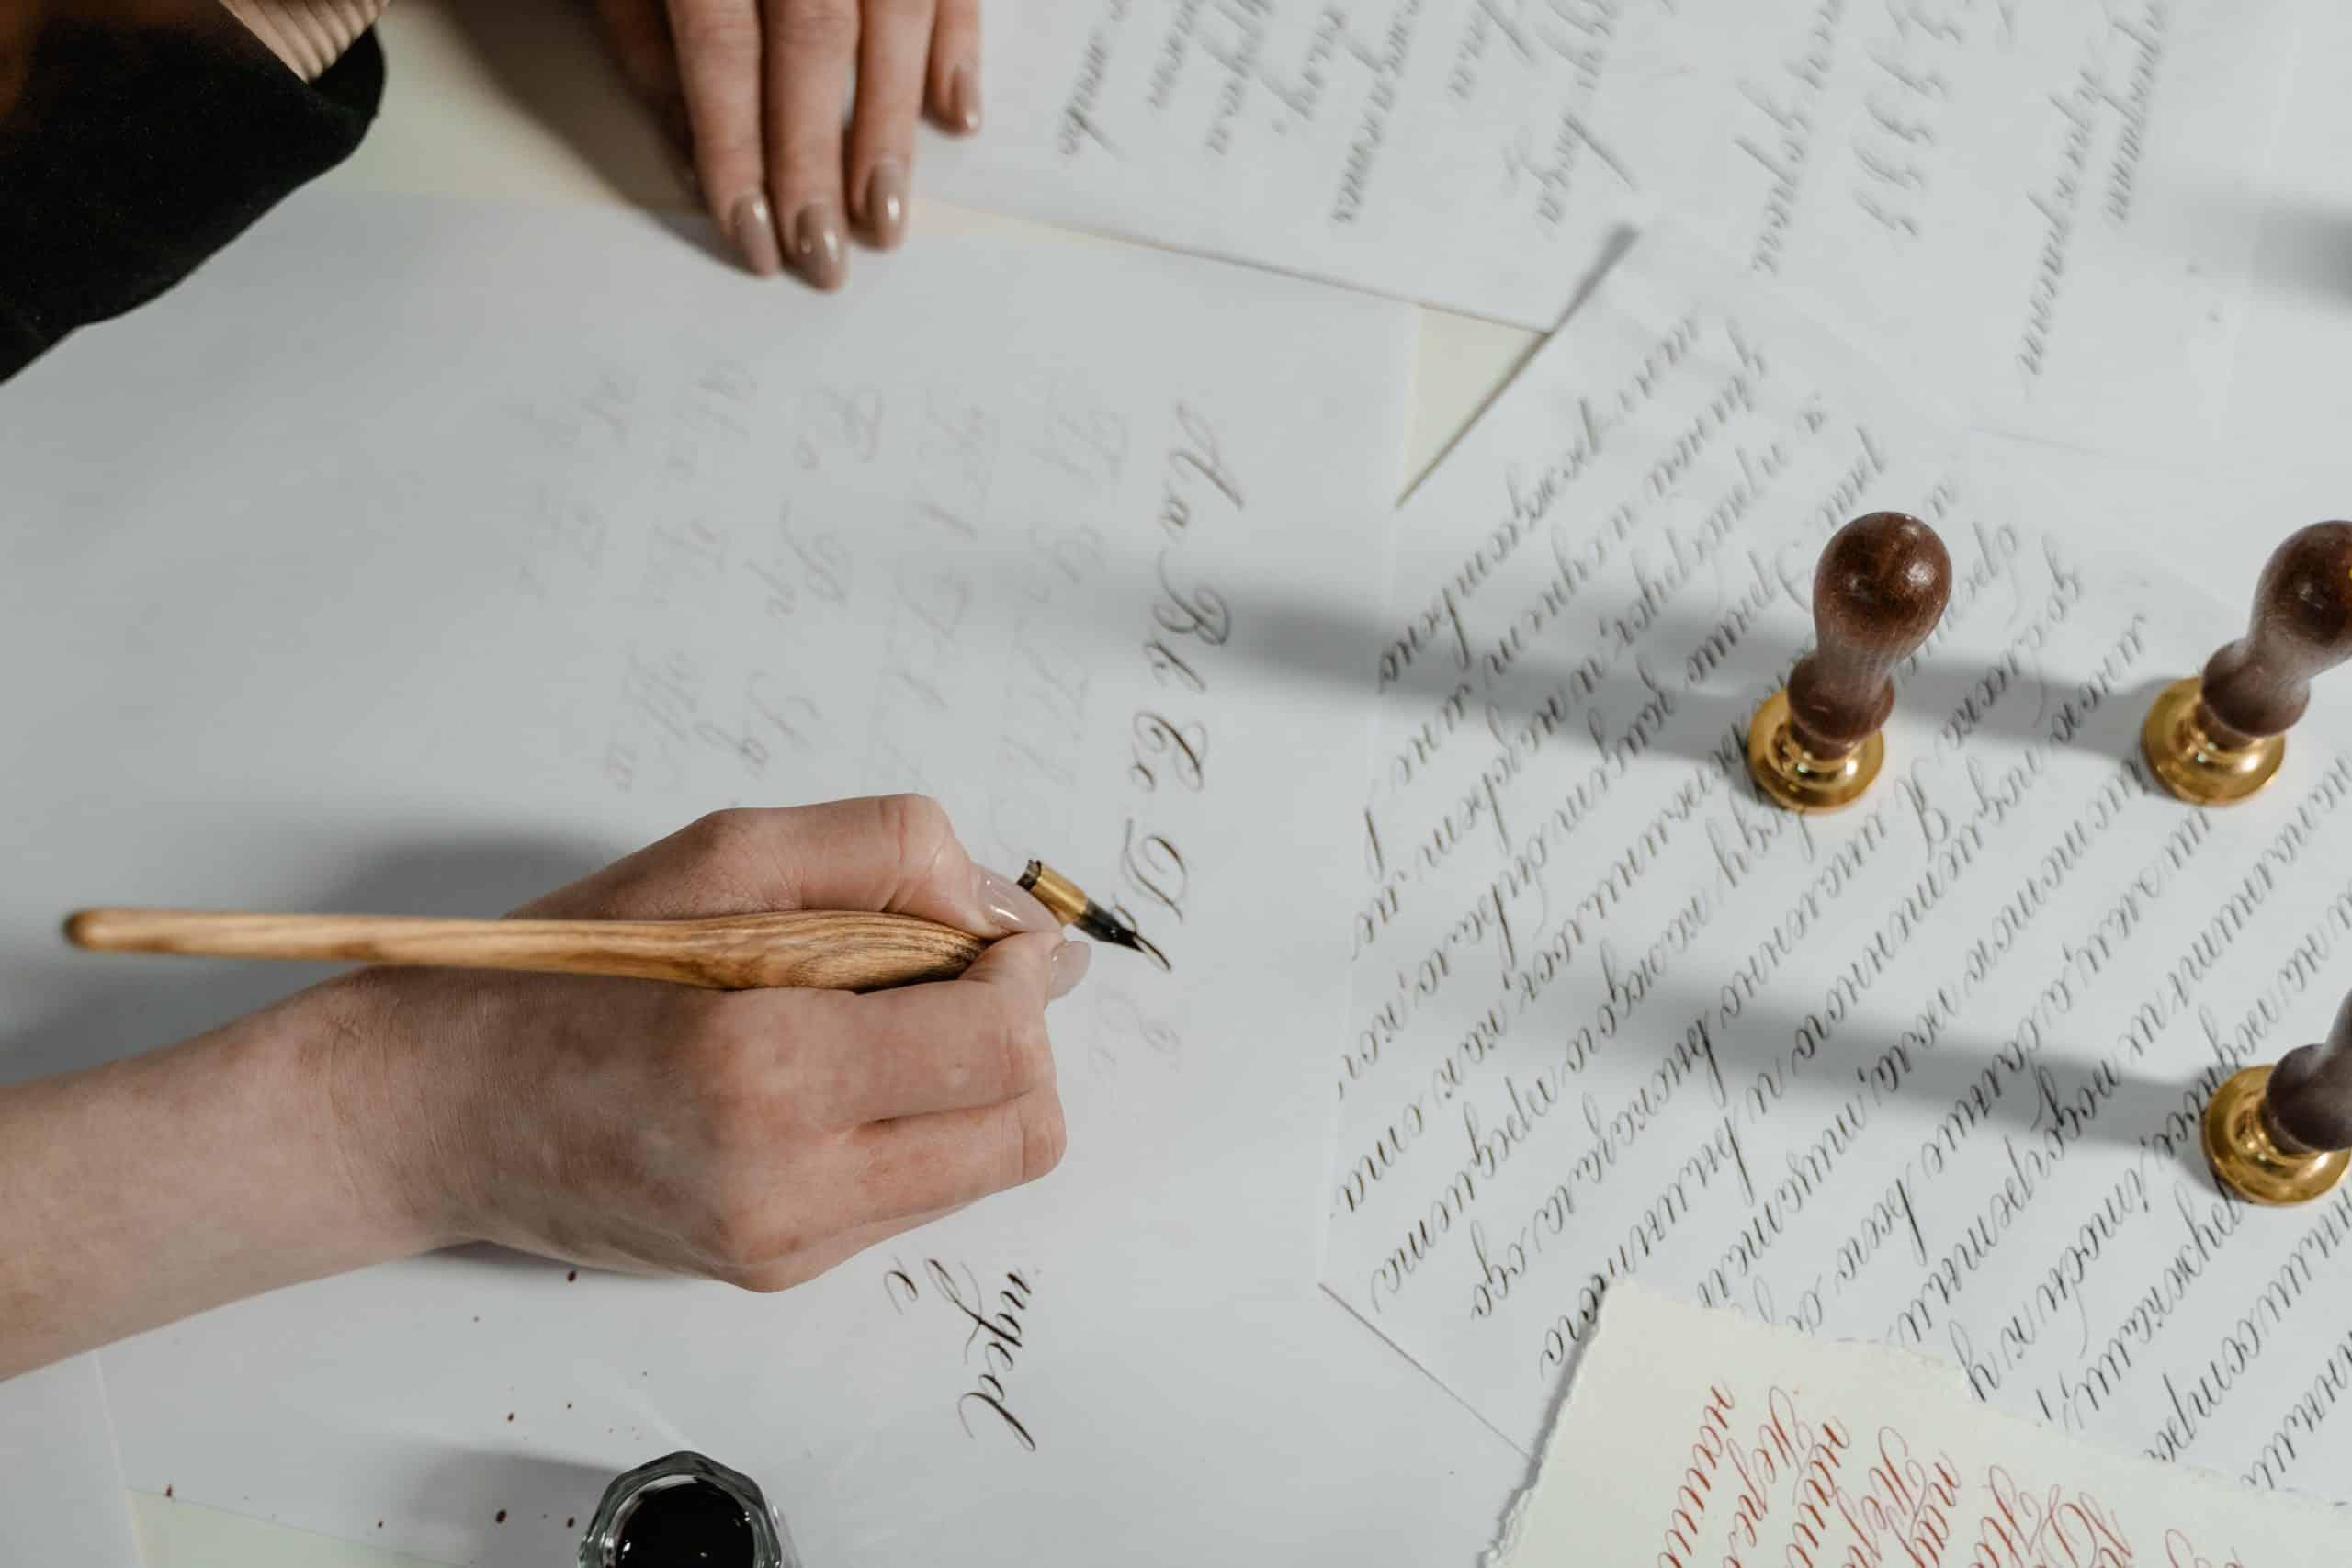 Como enviar uma carta? Dicas e passos para aprender